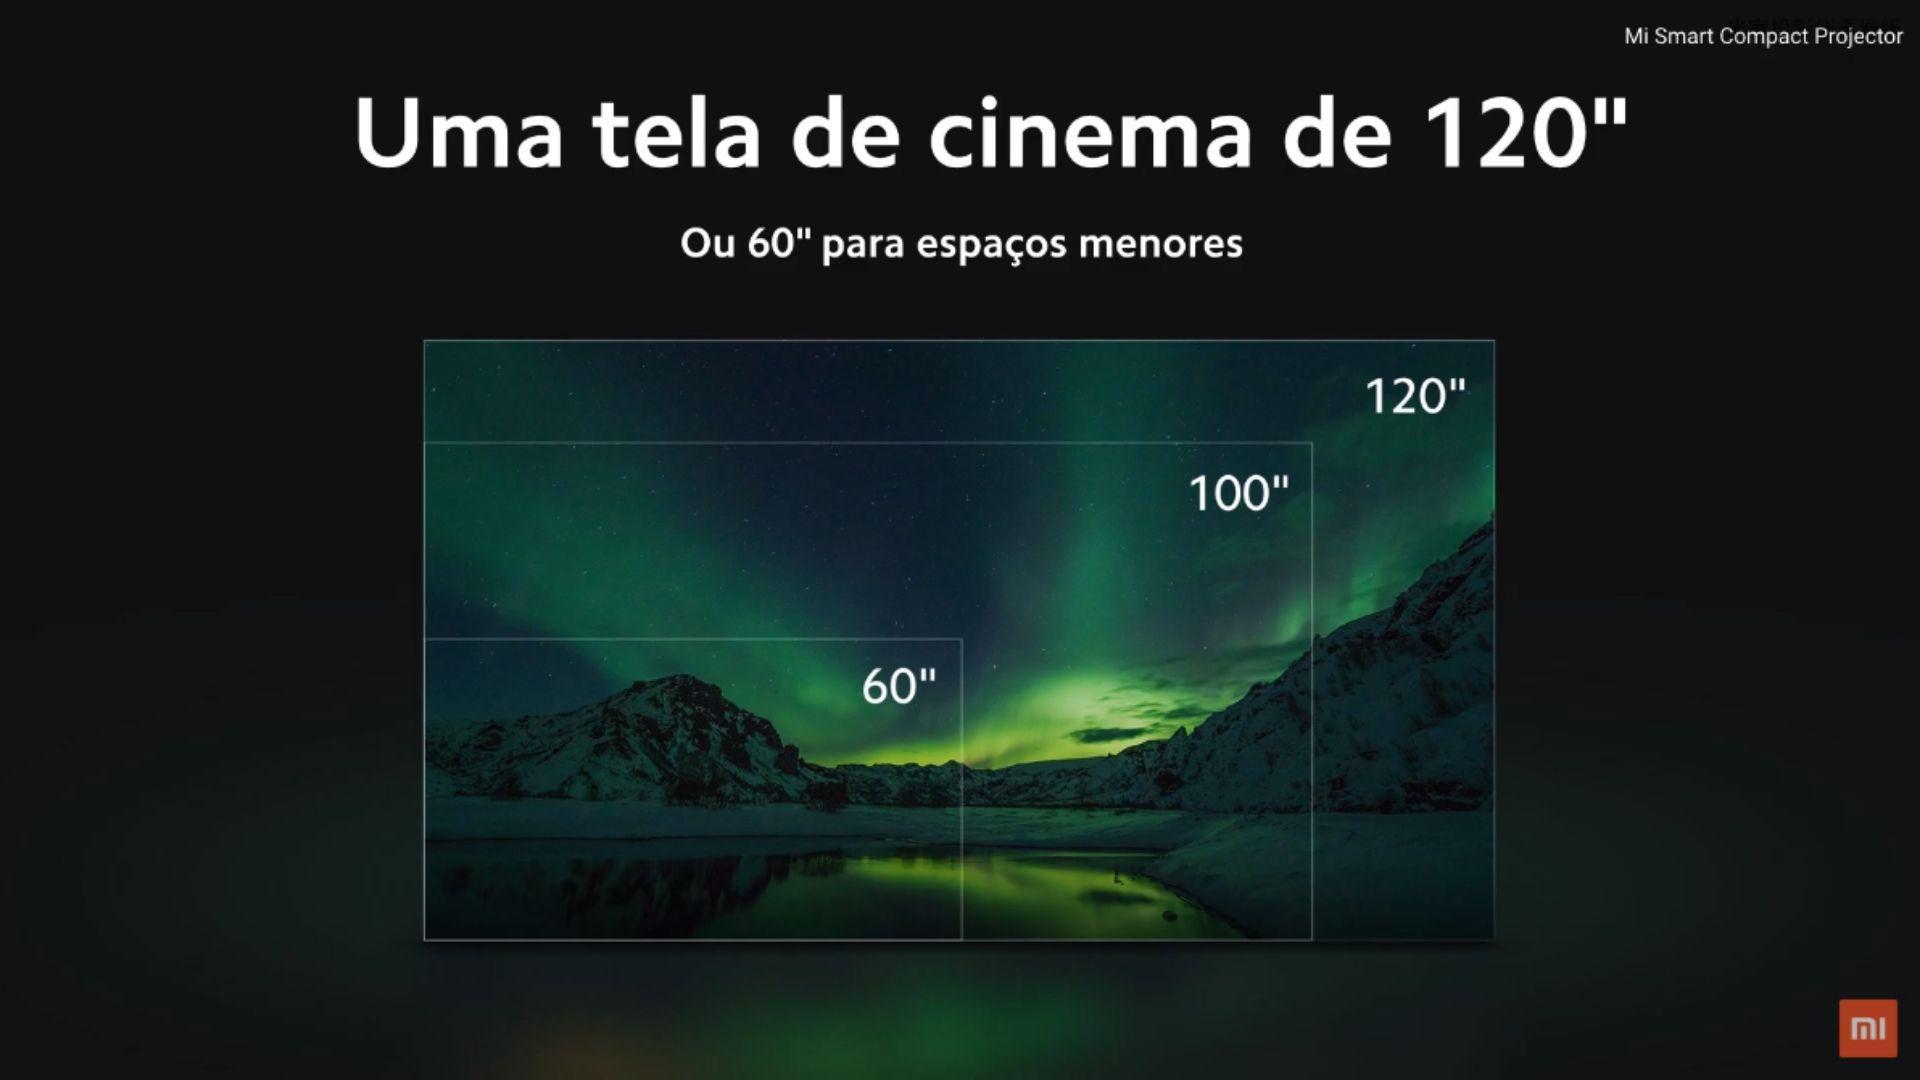 Xiaomi Mi Smart Compact é capaz de projetar imagens de 60 a 120 polegadas. (Imagem: Divulgação/Xiaomi)